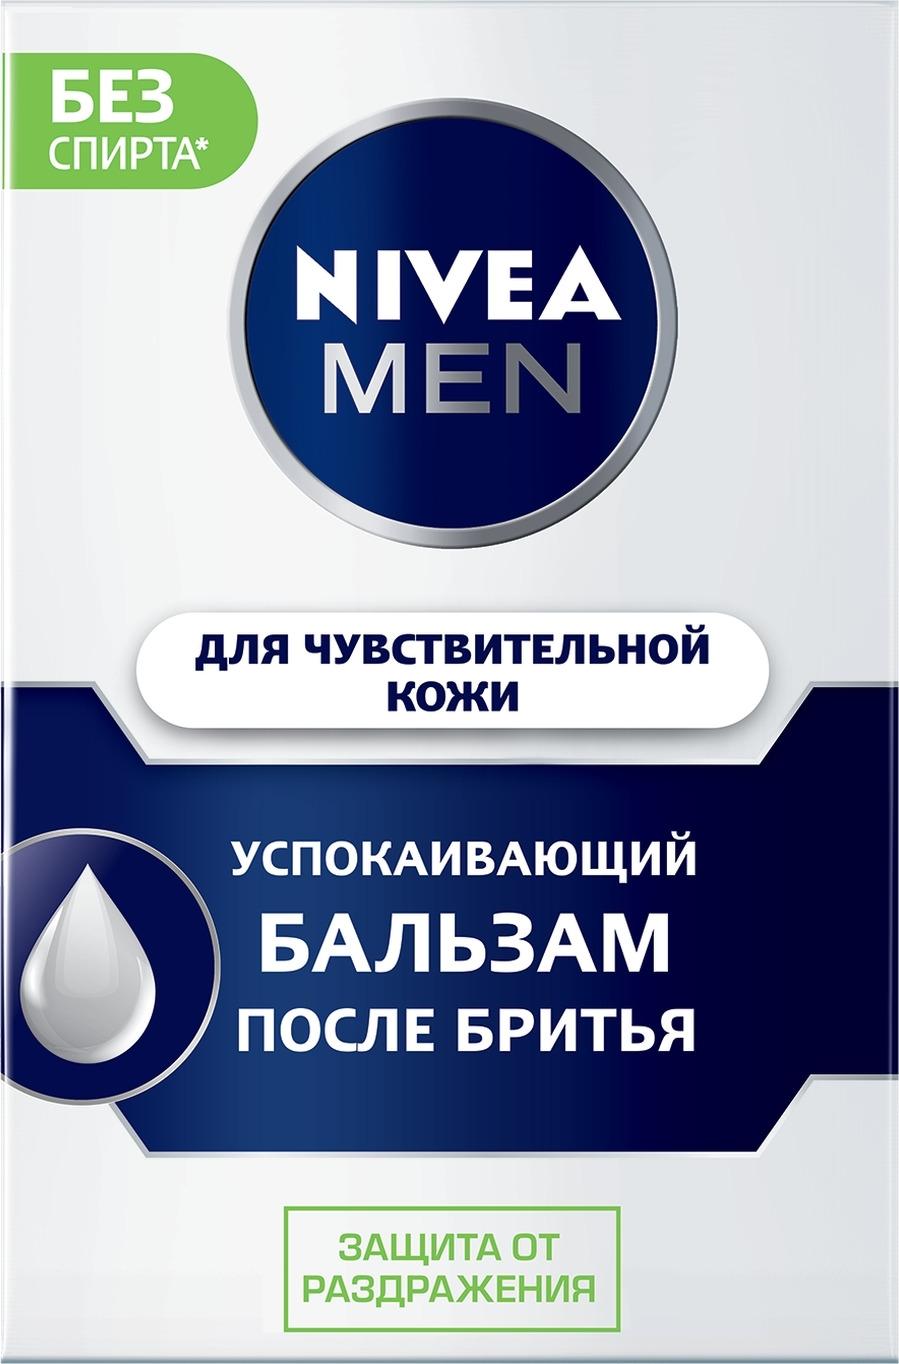 Бальзам после бритья Nivea Для чувствительной кожи 100 мл .